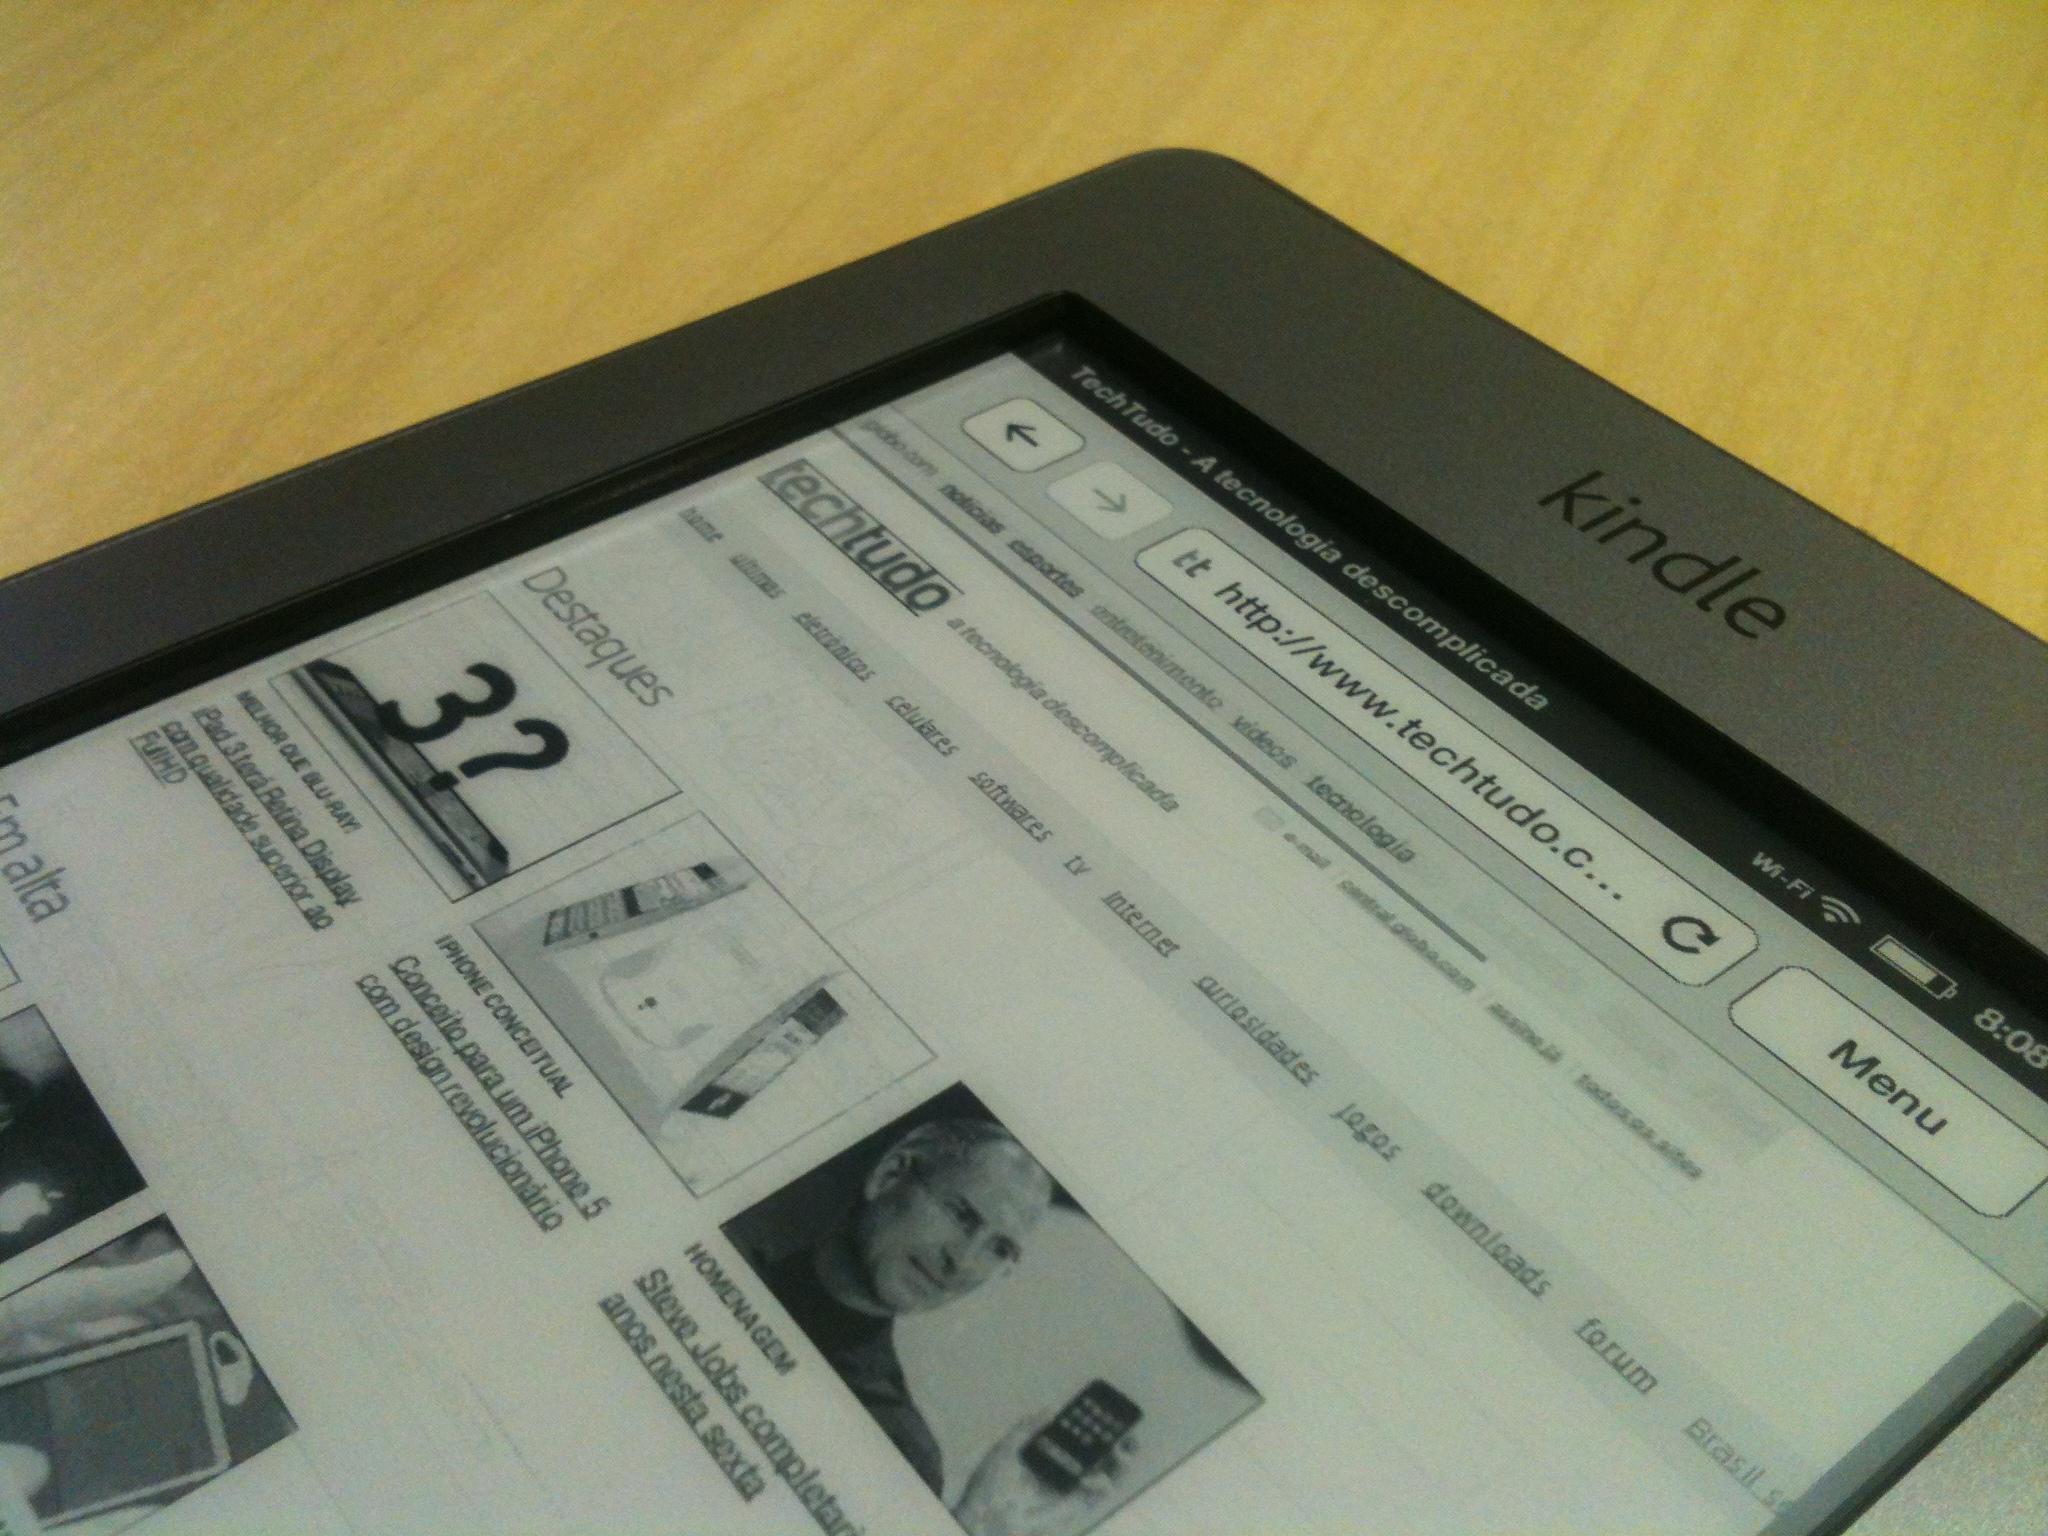 Preço do Amazon Kindle no Brasil pode ser de R$199 (Foto: Allan Melo/TechTudo)